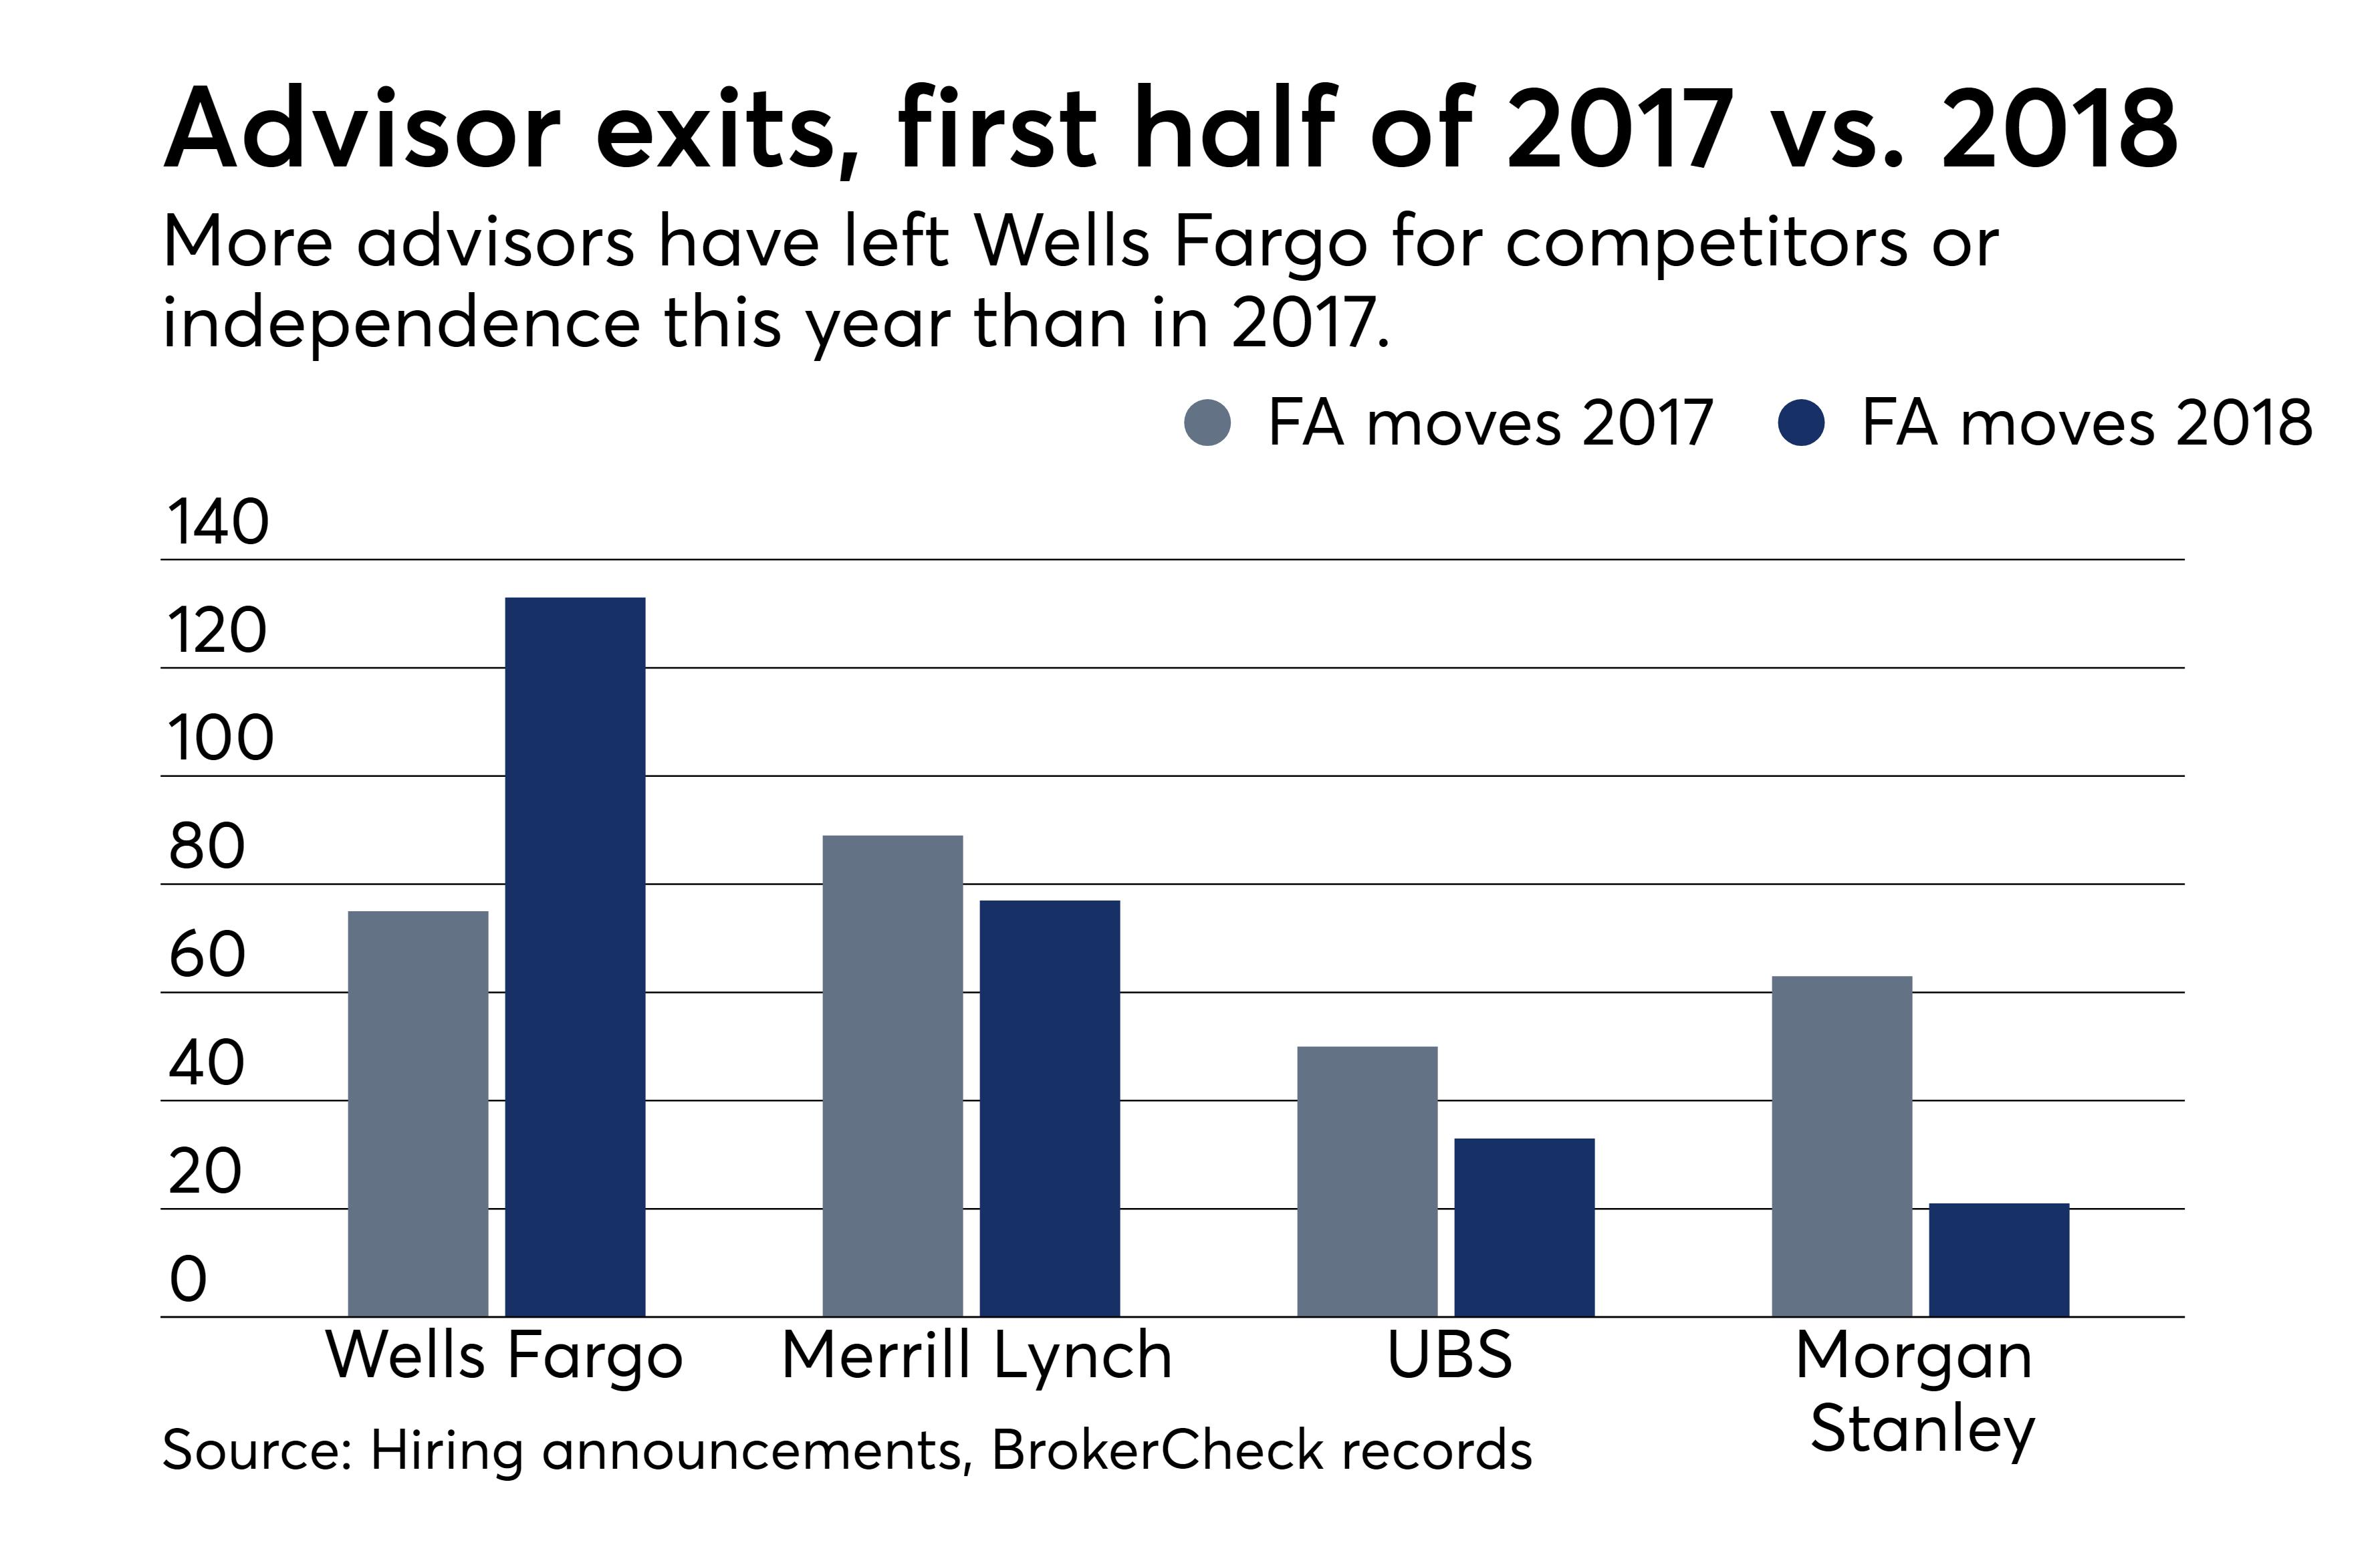 Morgan Stanley, UBS lower advisor attrition post Broker